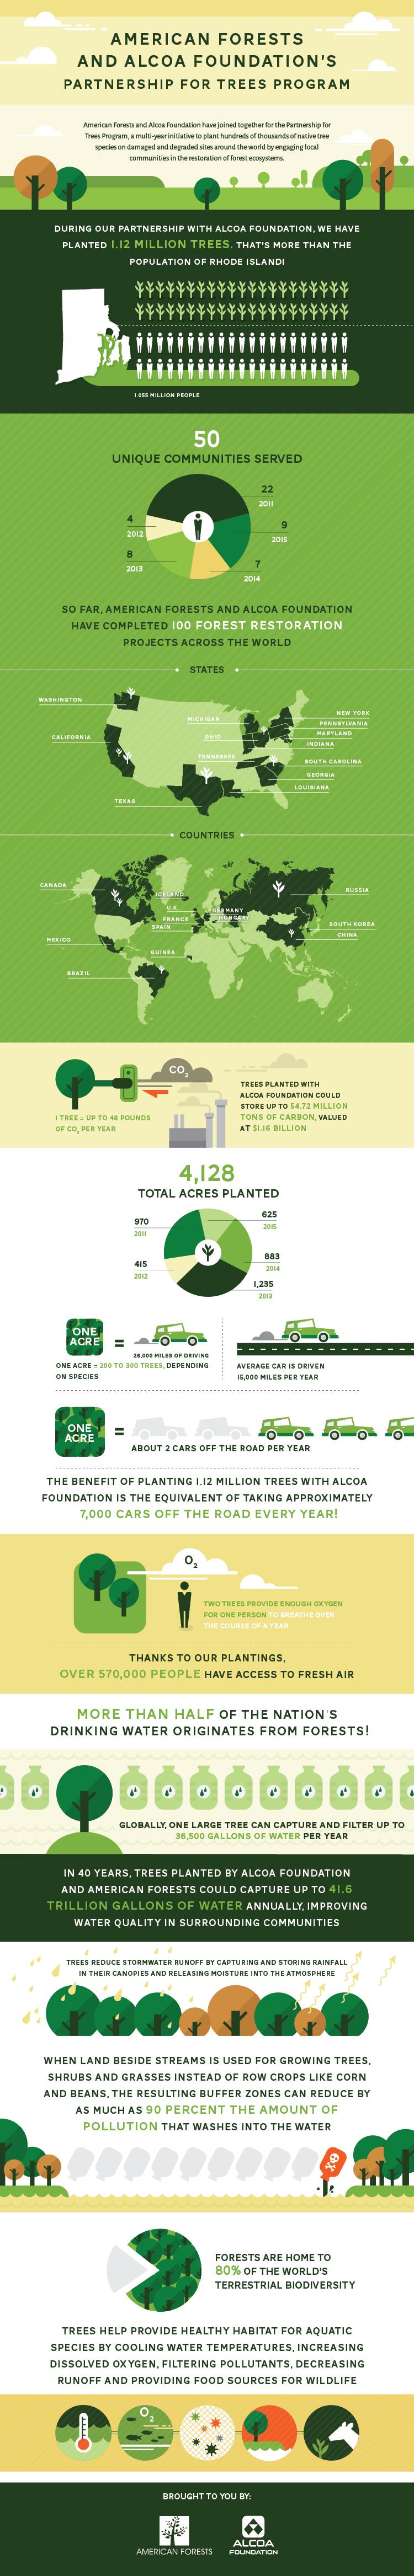 Alcoa-AF Partnership Infographic